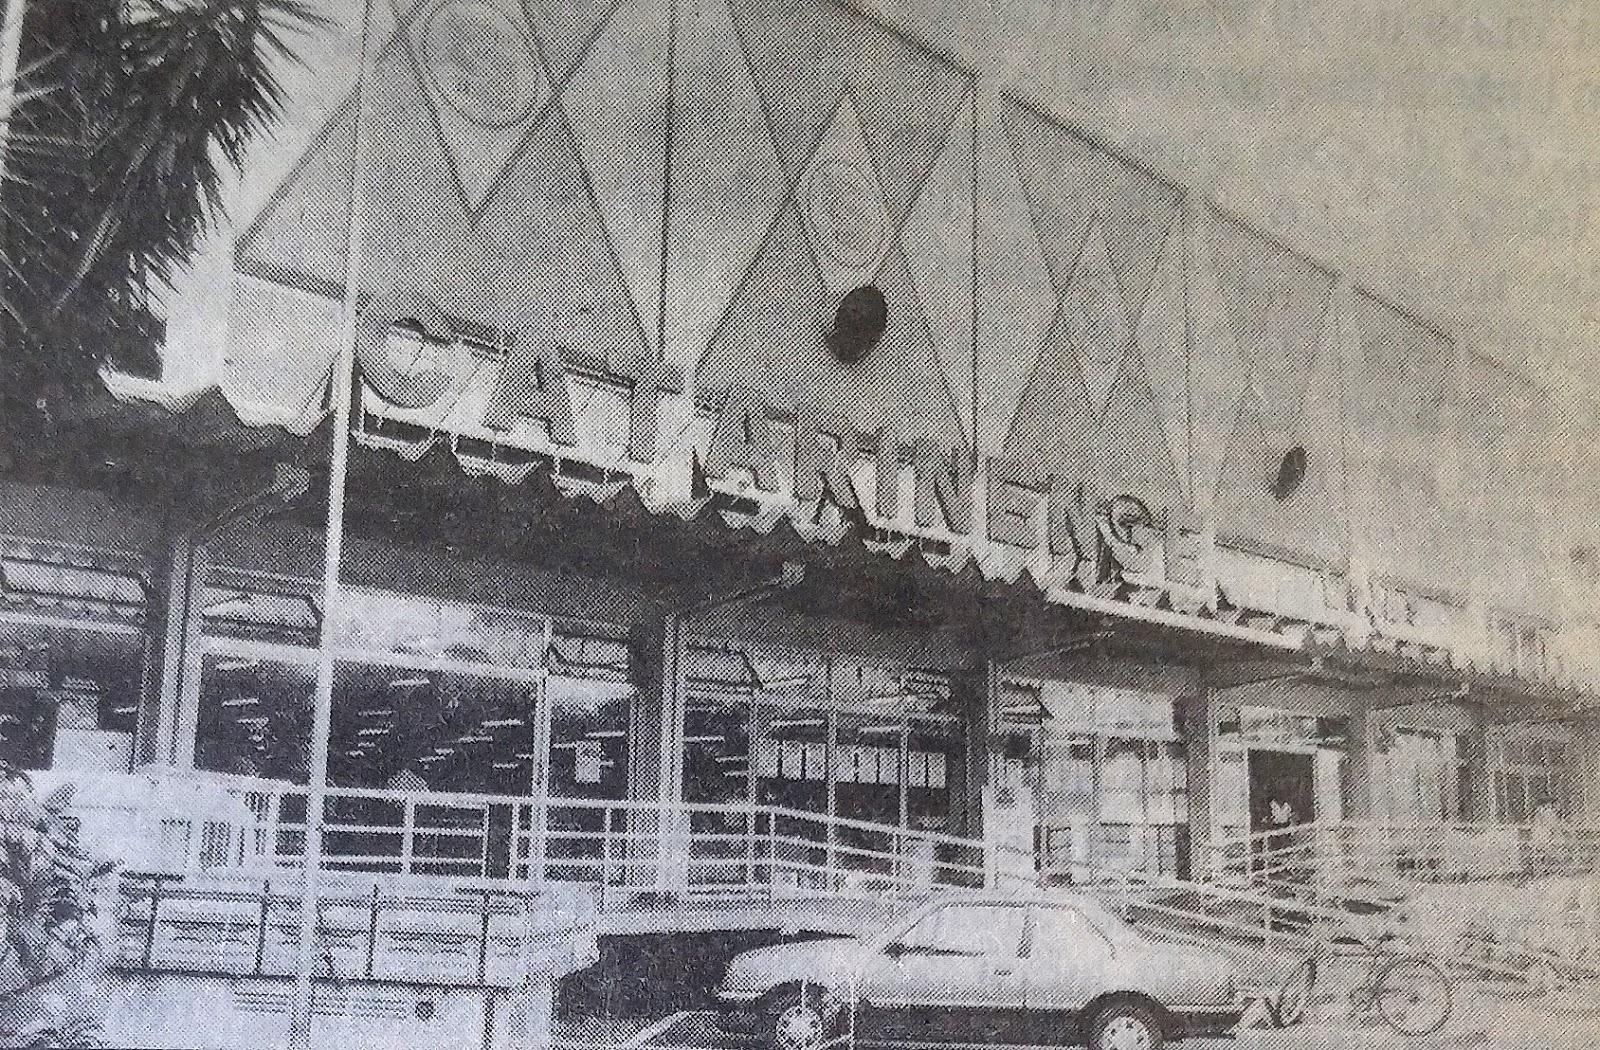 Supermercado Catarinense - 1990